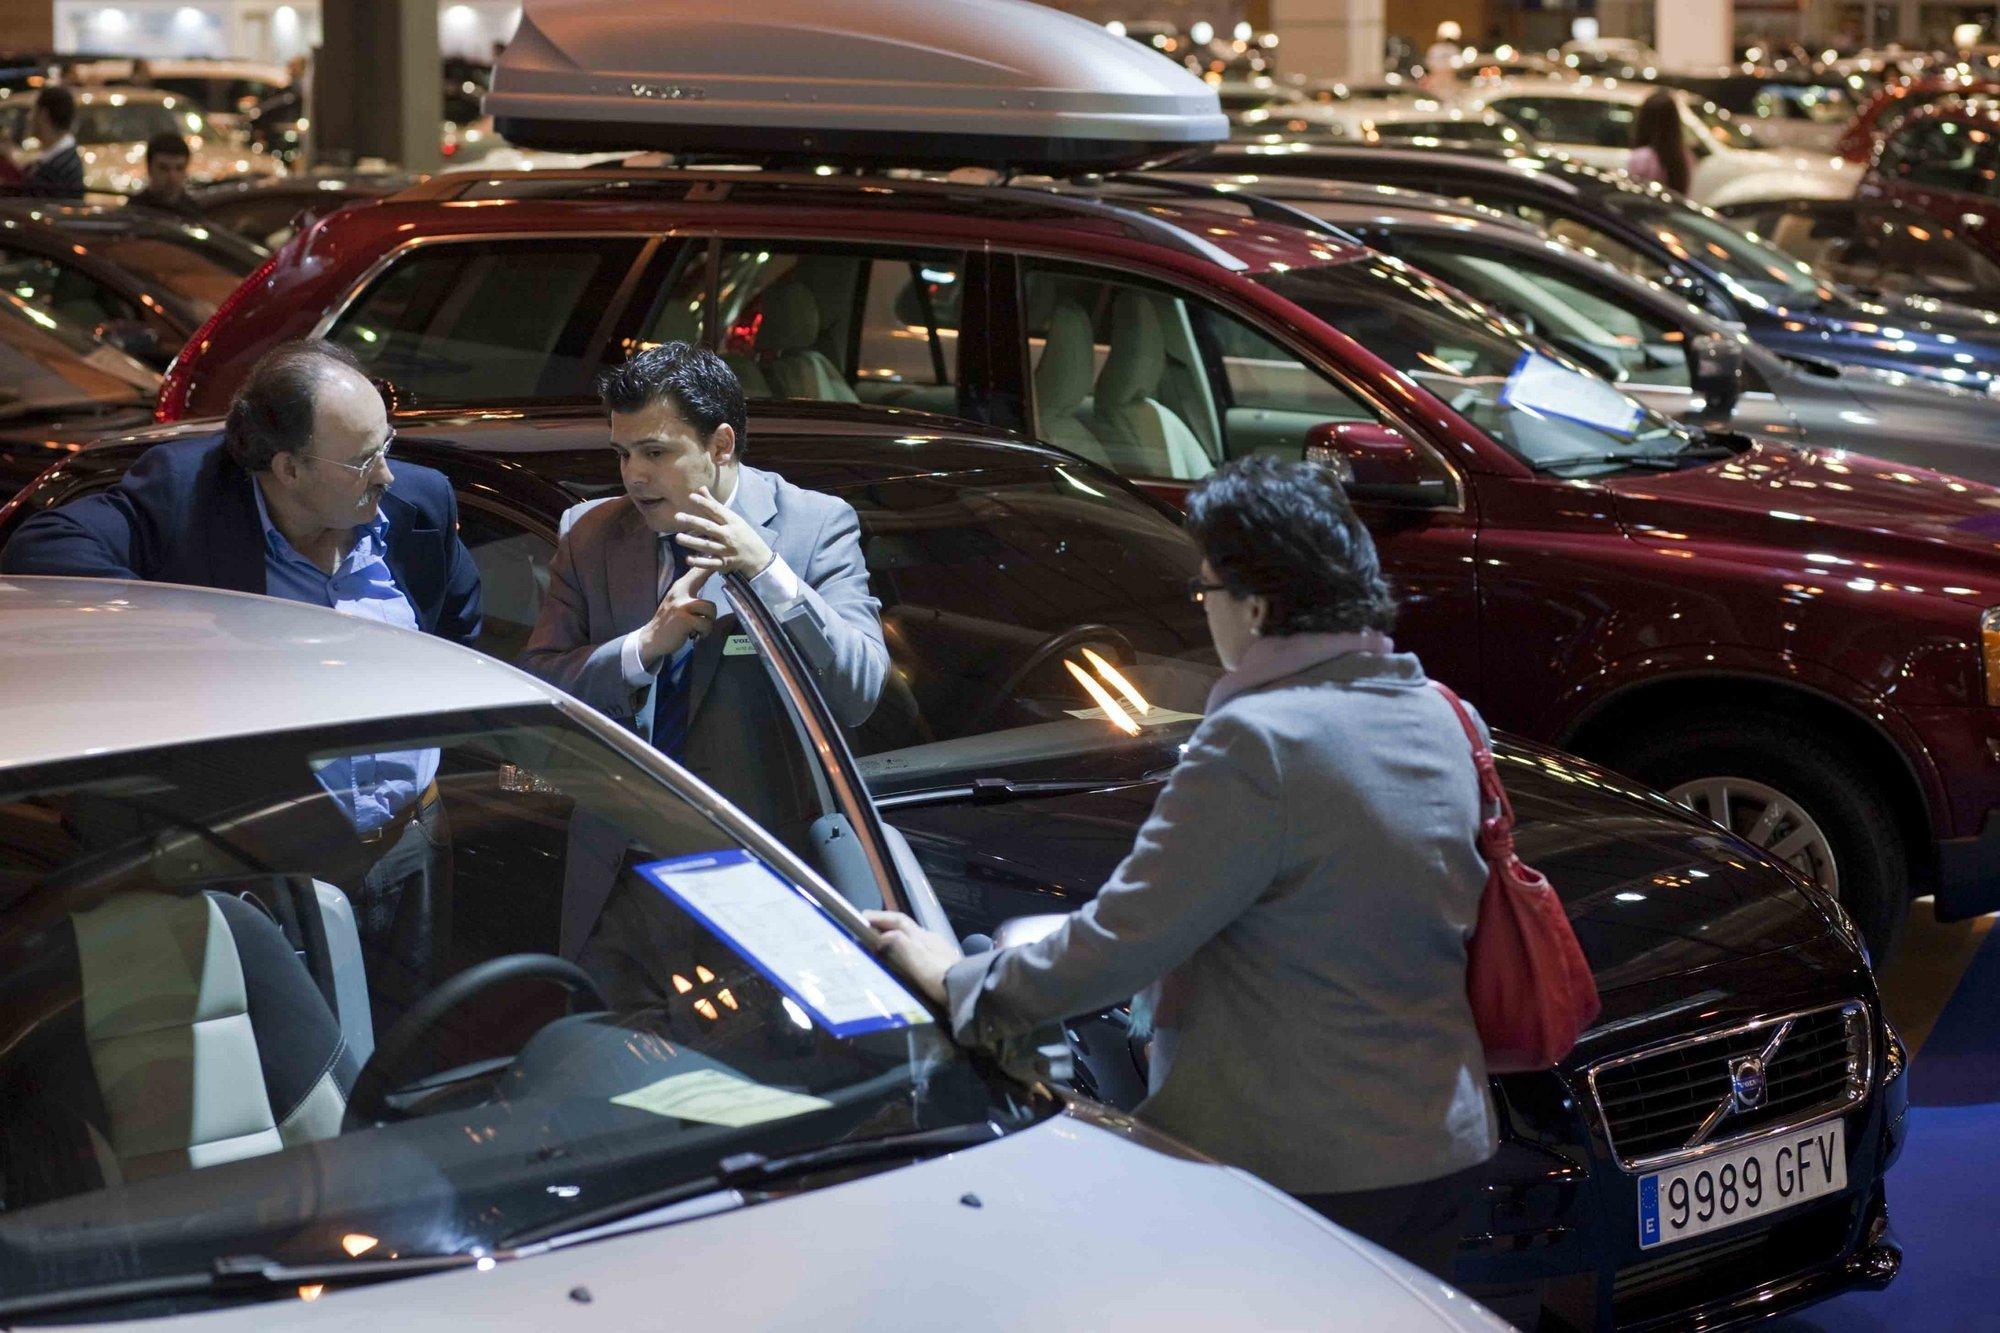 Las ventas de coches crecen en Murcia un 9,1% en la primera quincena de marzo, según Ganvam